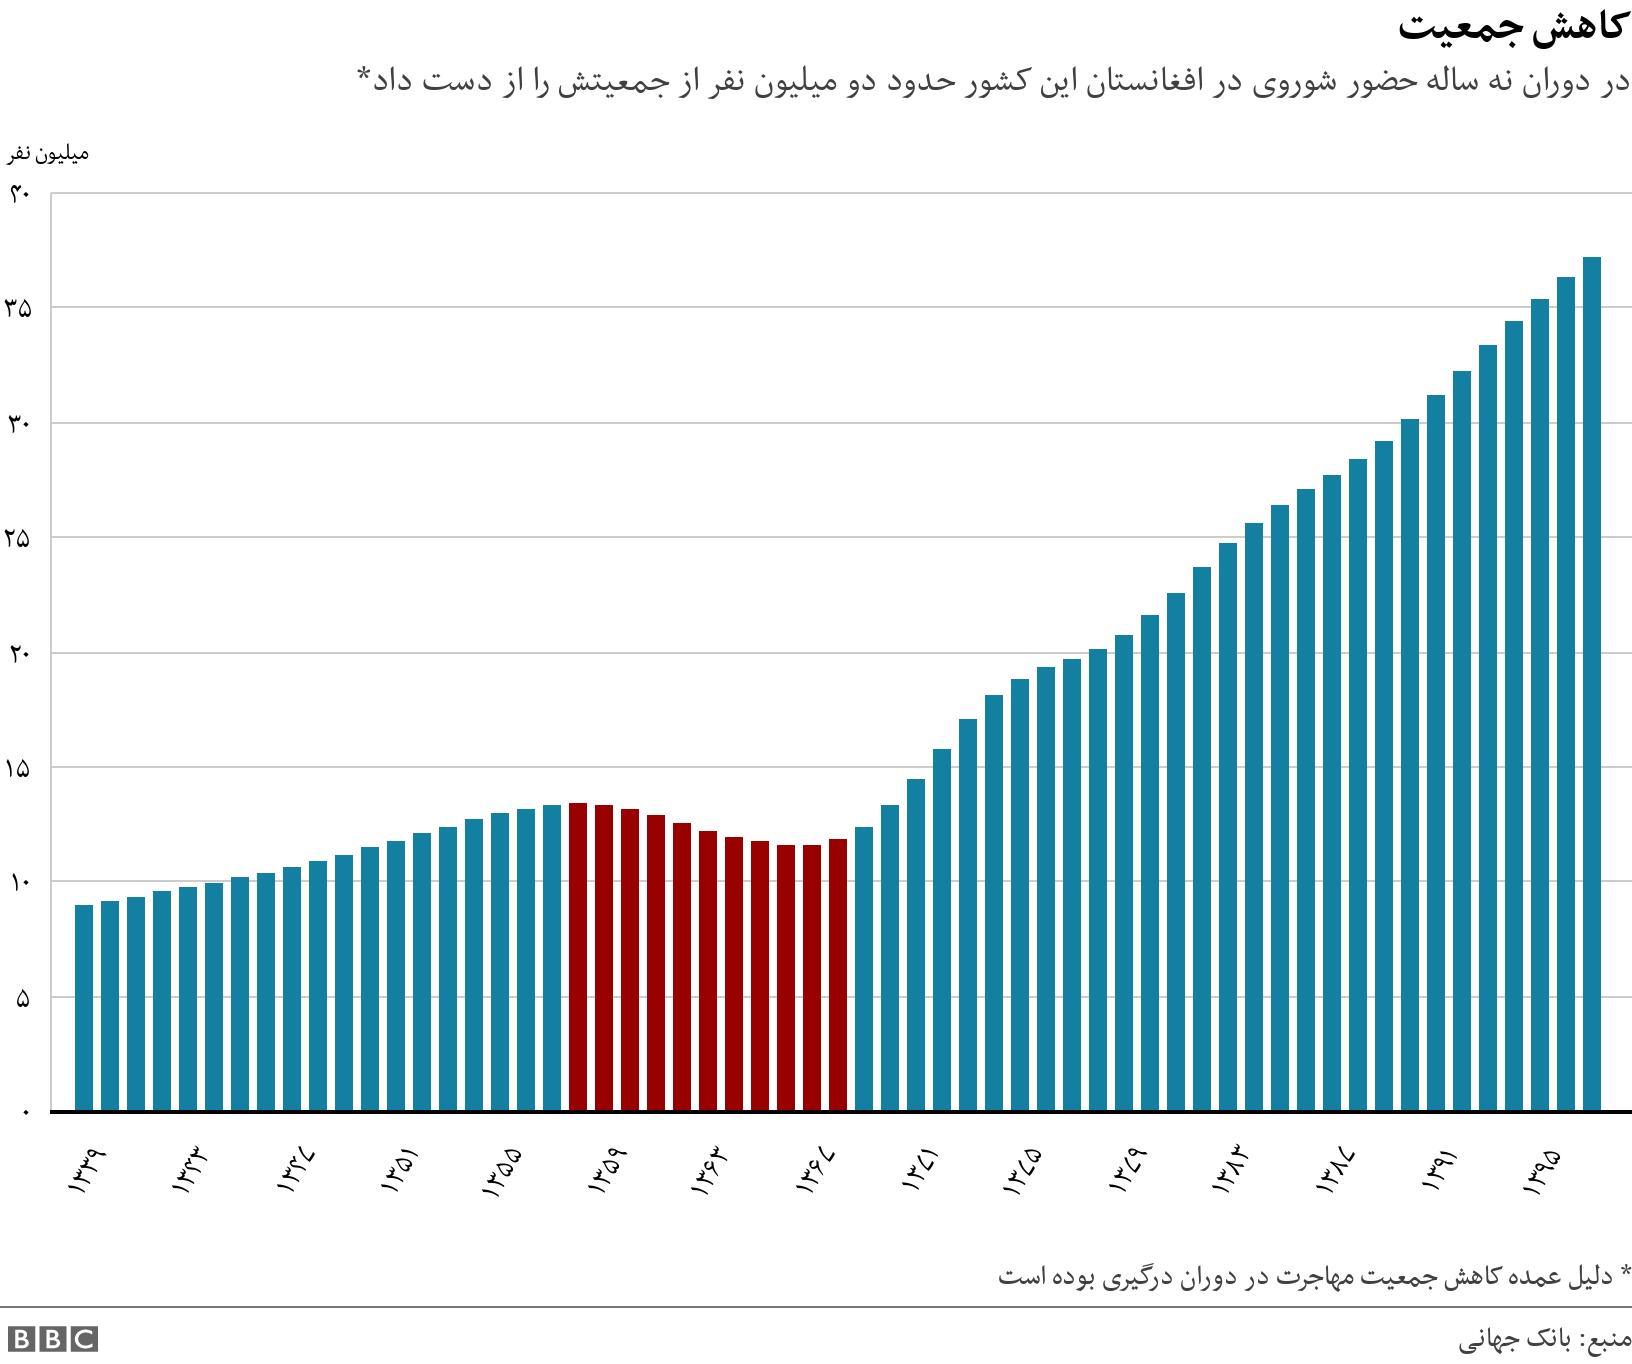 کاهش جمعیت. در دوران نه ساله حضور شوروی در افغانستان این کشور حدود دو میلیون نفر از جمعیتش را از دست داد*.  * دلیل عمده کاهش جمعیت مهاجرت در دوران درگیری بوده است.